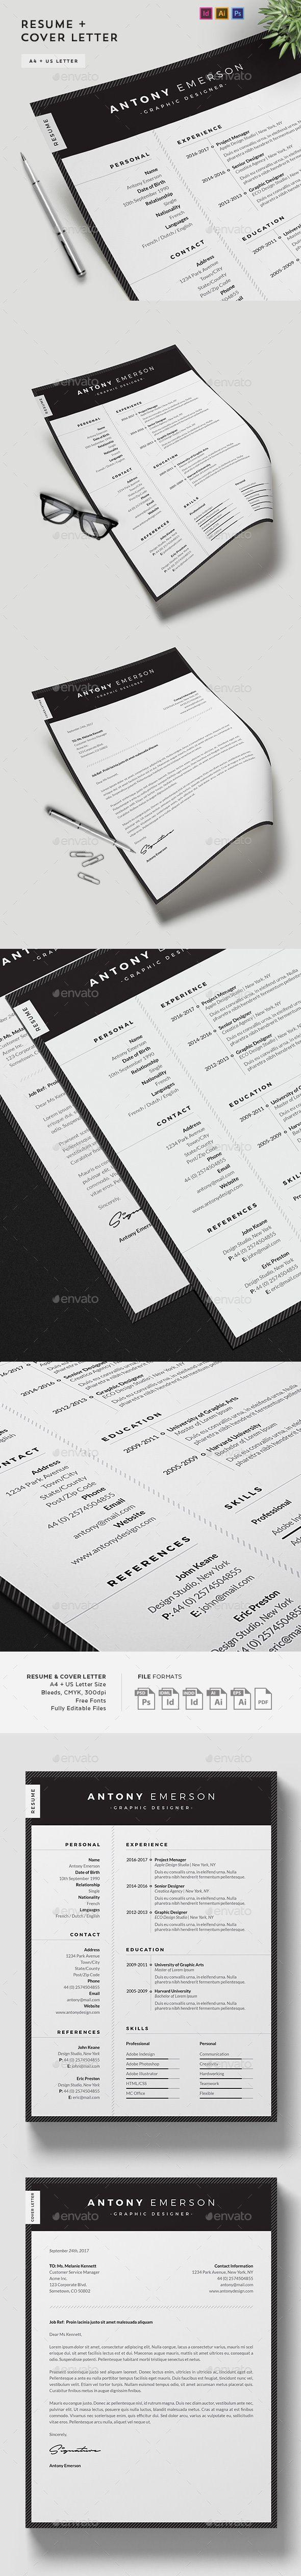 Best 14 Curriculum Vitae ideas on Pinterest | Resume templates ...